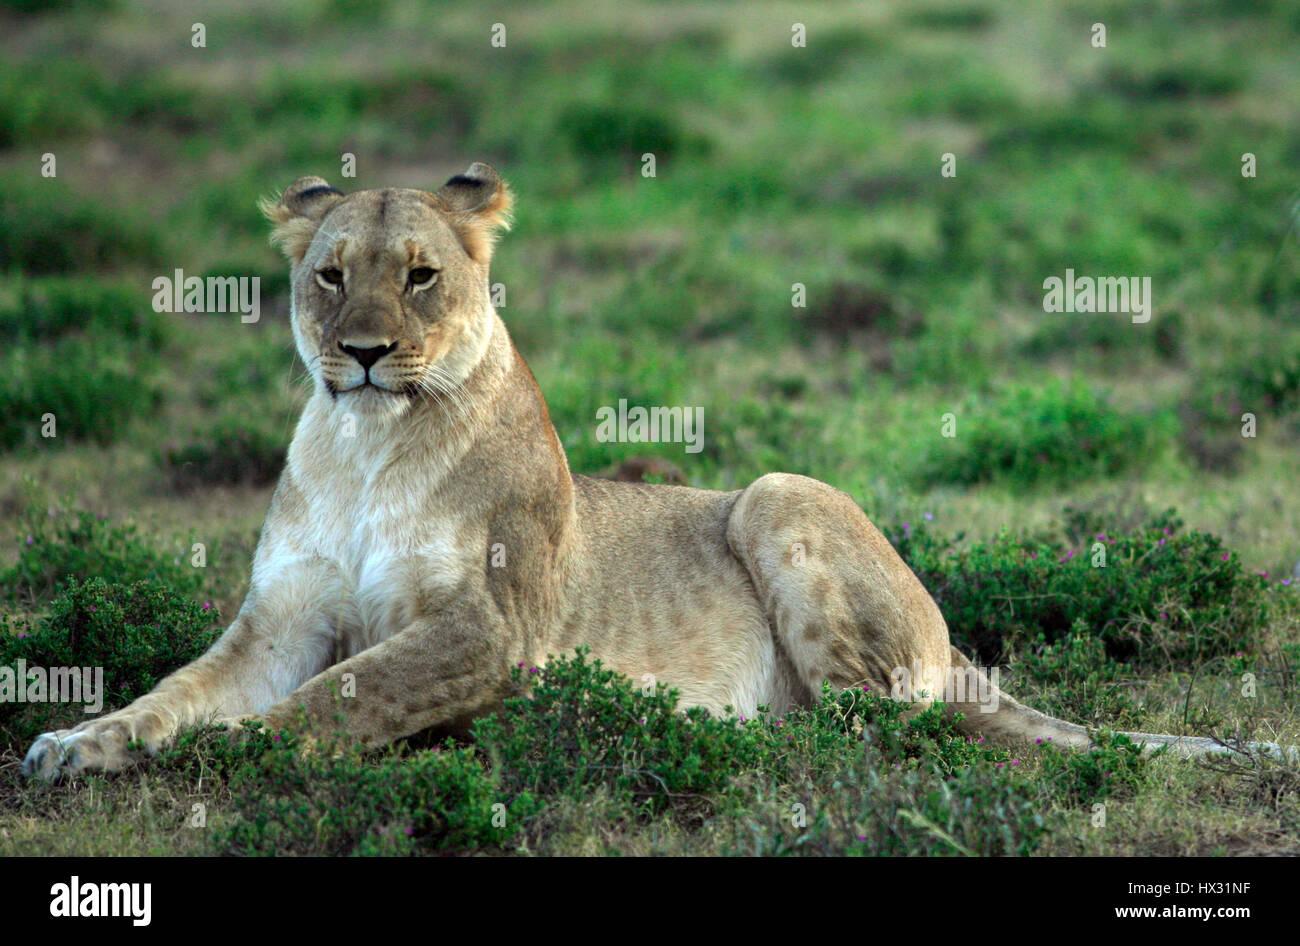 Une lionne est assis sur l'herbe, lors d'un safari, dans une réserve privée en Afrique du Sud le 18 mars 2017. © John Voos Banque D'Images